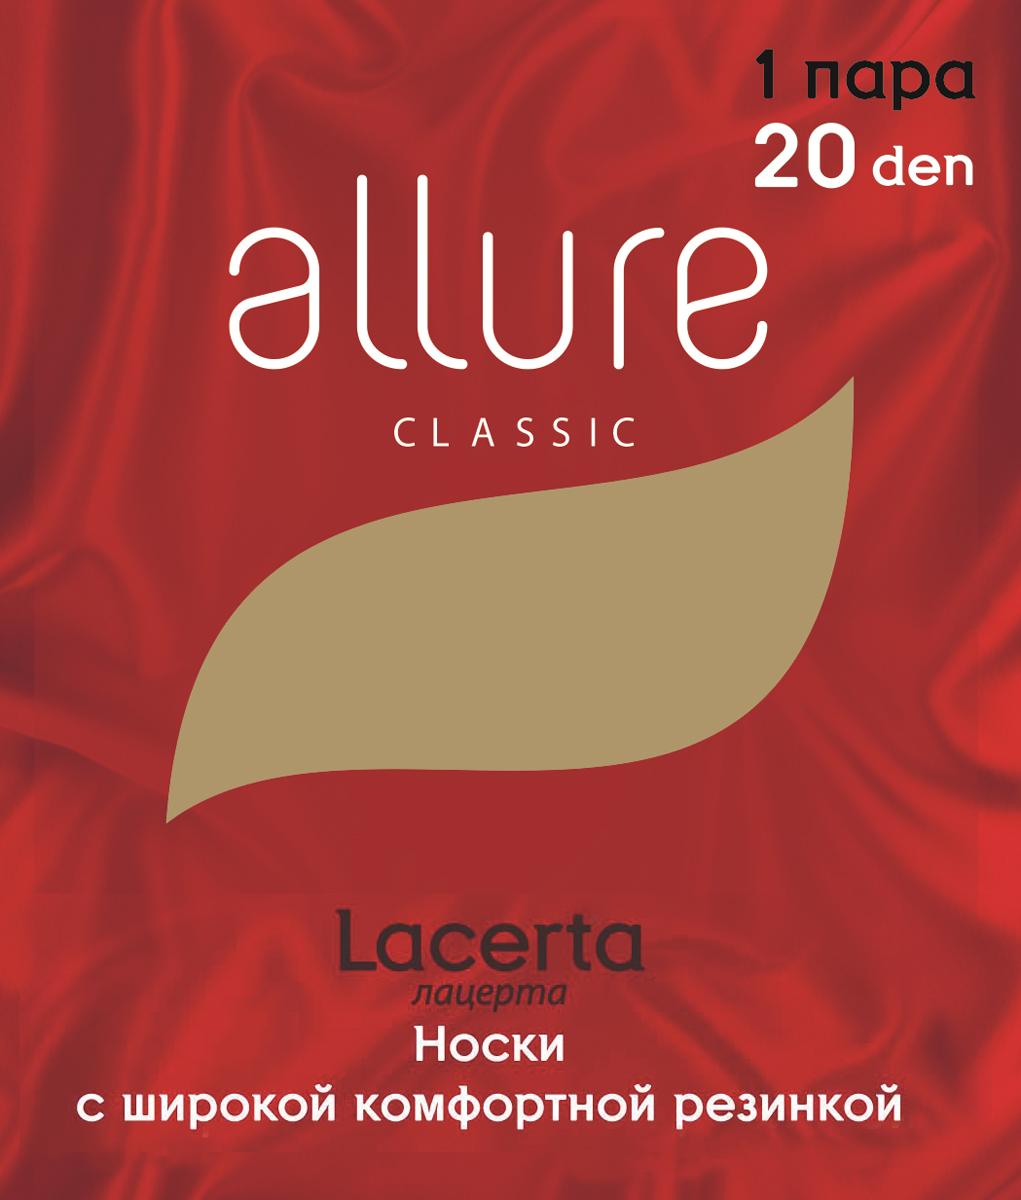 Носки женские Allure Lacerta 20, цвет: Glase (бронза). Размер универсальный nivea шампунь против перхоти укрепляющий 400 мл